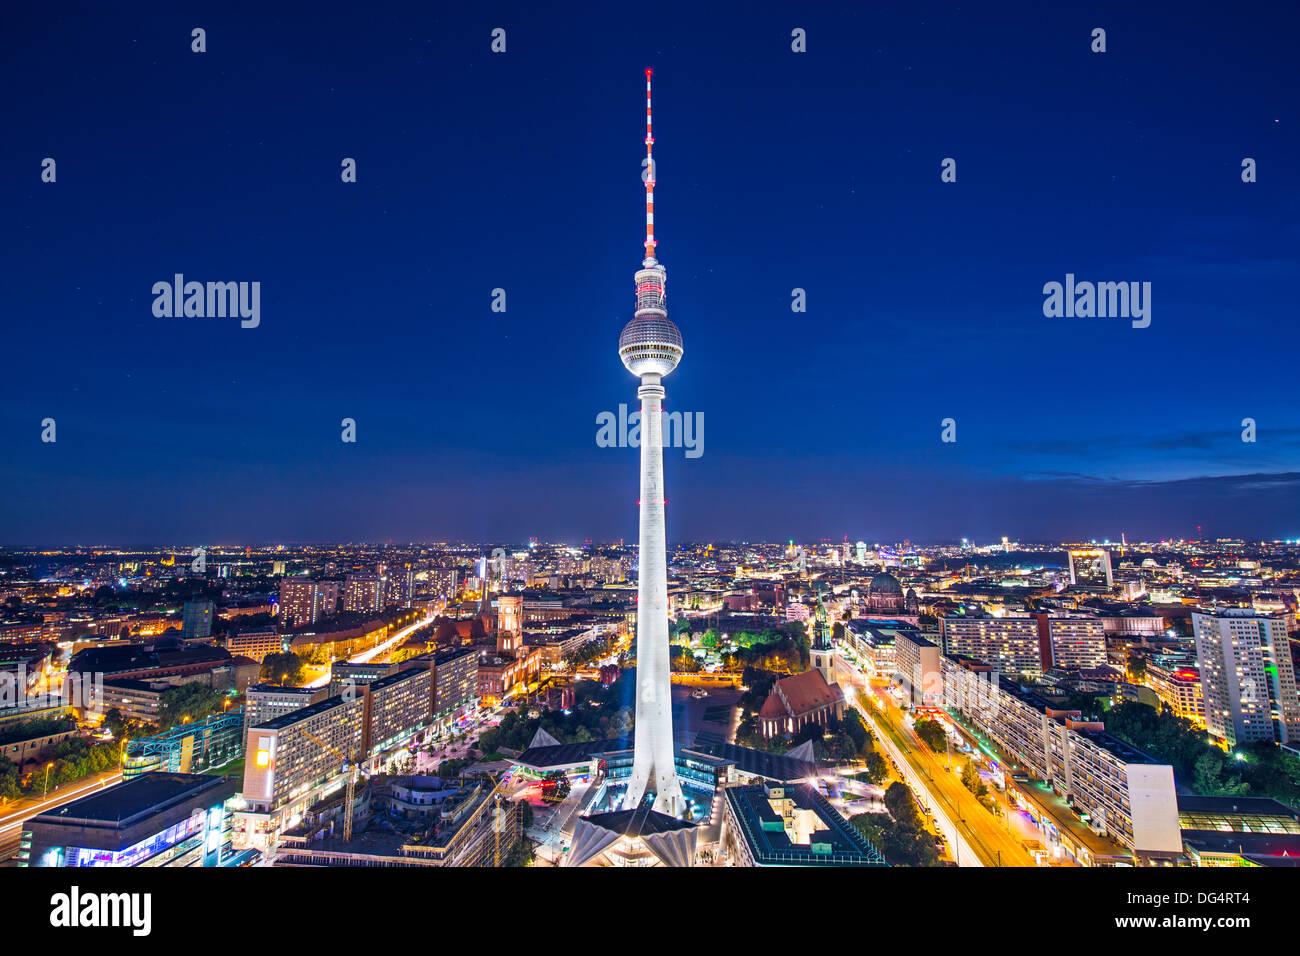 Berlín, Alemania vista de la torre de televisión. Imagen De Stock